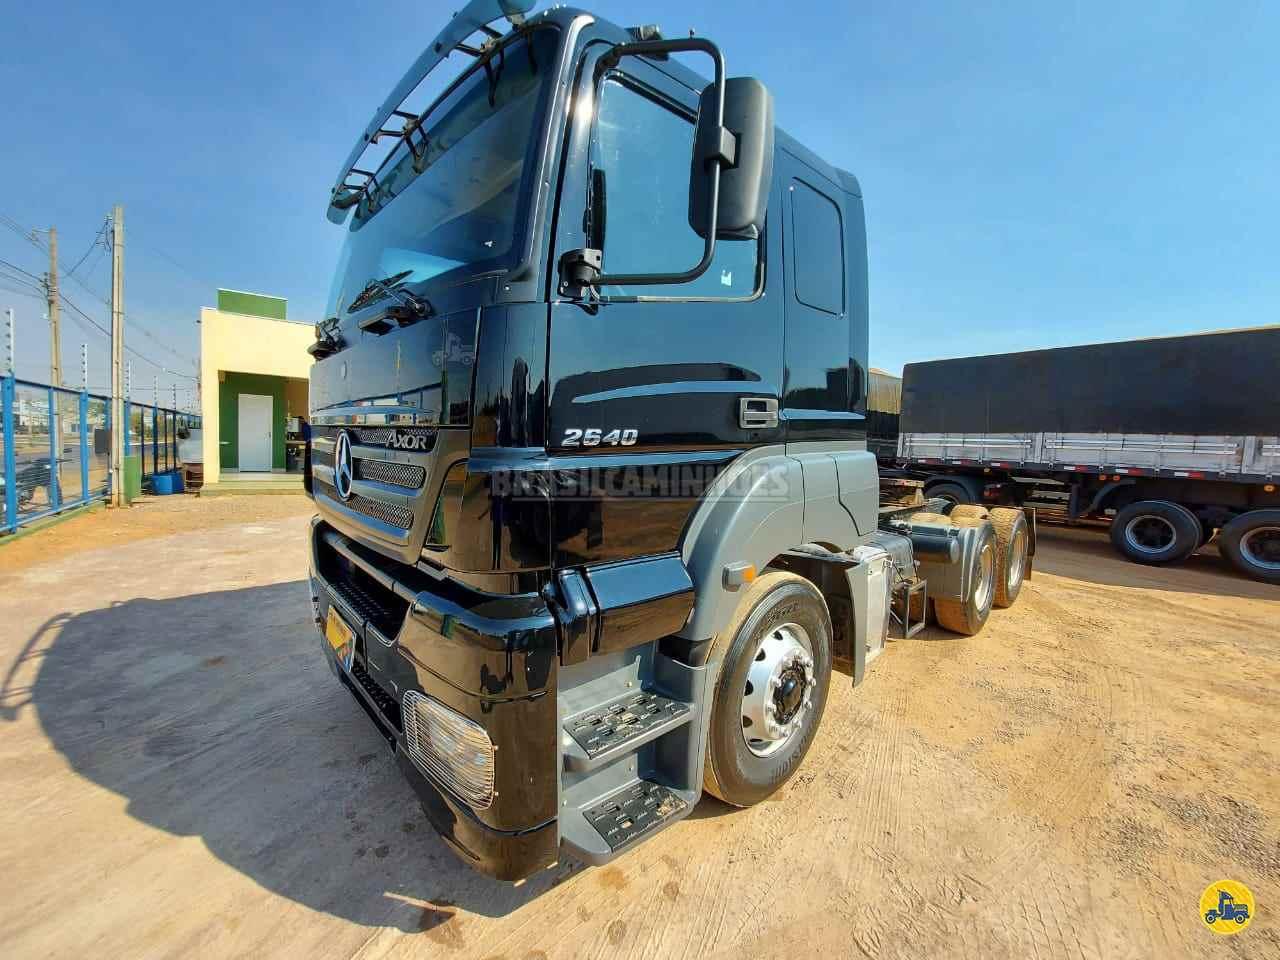 CAMINHAO MERCEDES-BENZ MB 2640 Cavalo Mecânico Traçado 6x4 Brasil Caminhões Sinop SINOP MATO GROSSO MT